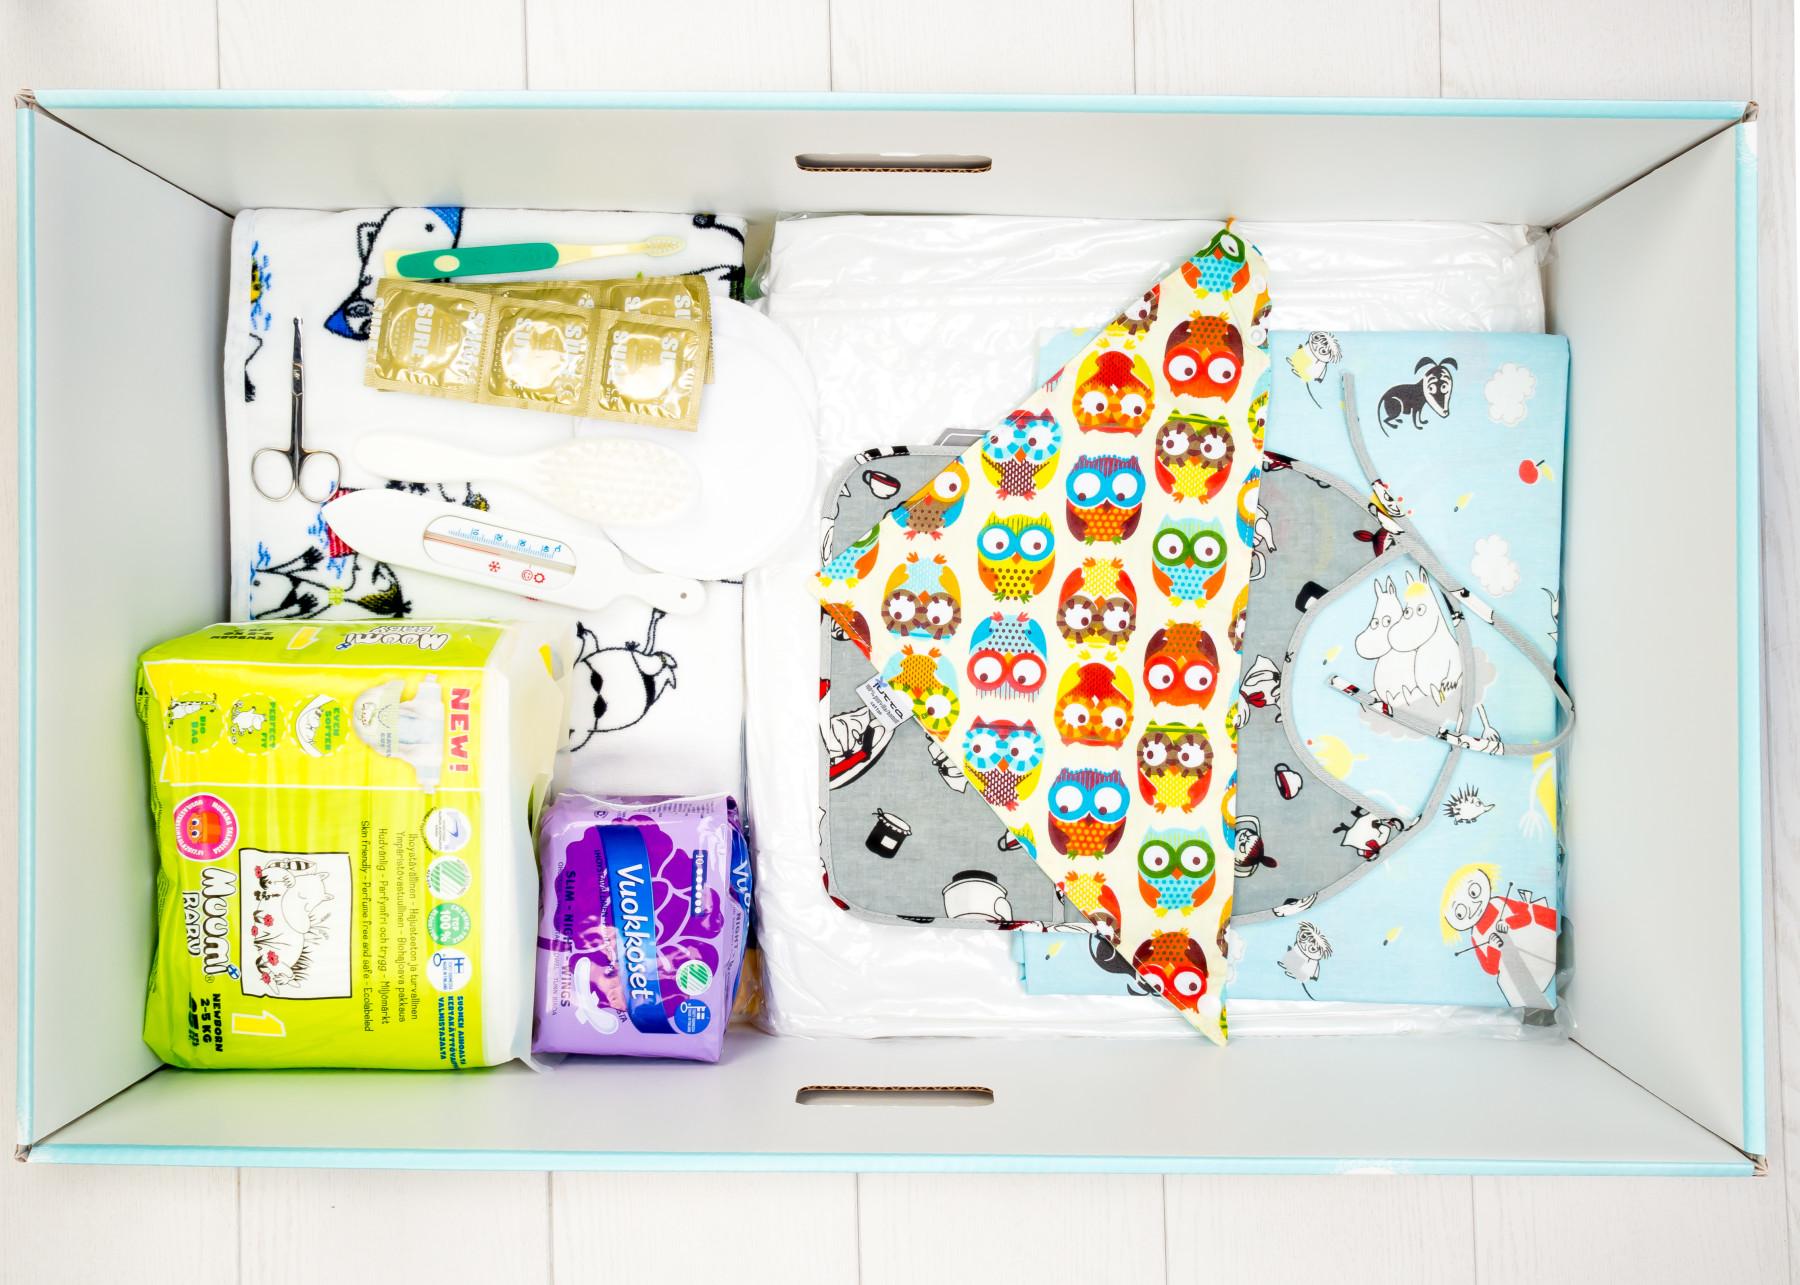 Unter anderem enthält das Mutterschaftspaket Kleidung, einen Schlafsack, Laken, einen Nagelknipser, ein Thermometer, Mehrwegwindeln, Kondome und einen Beißring. Sowohl die Babybox als auch das ursprüngliche Mutterschaftspaket enthalten Kondome.